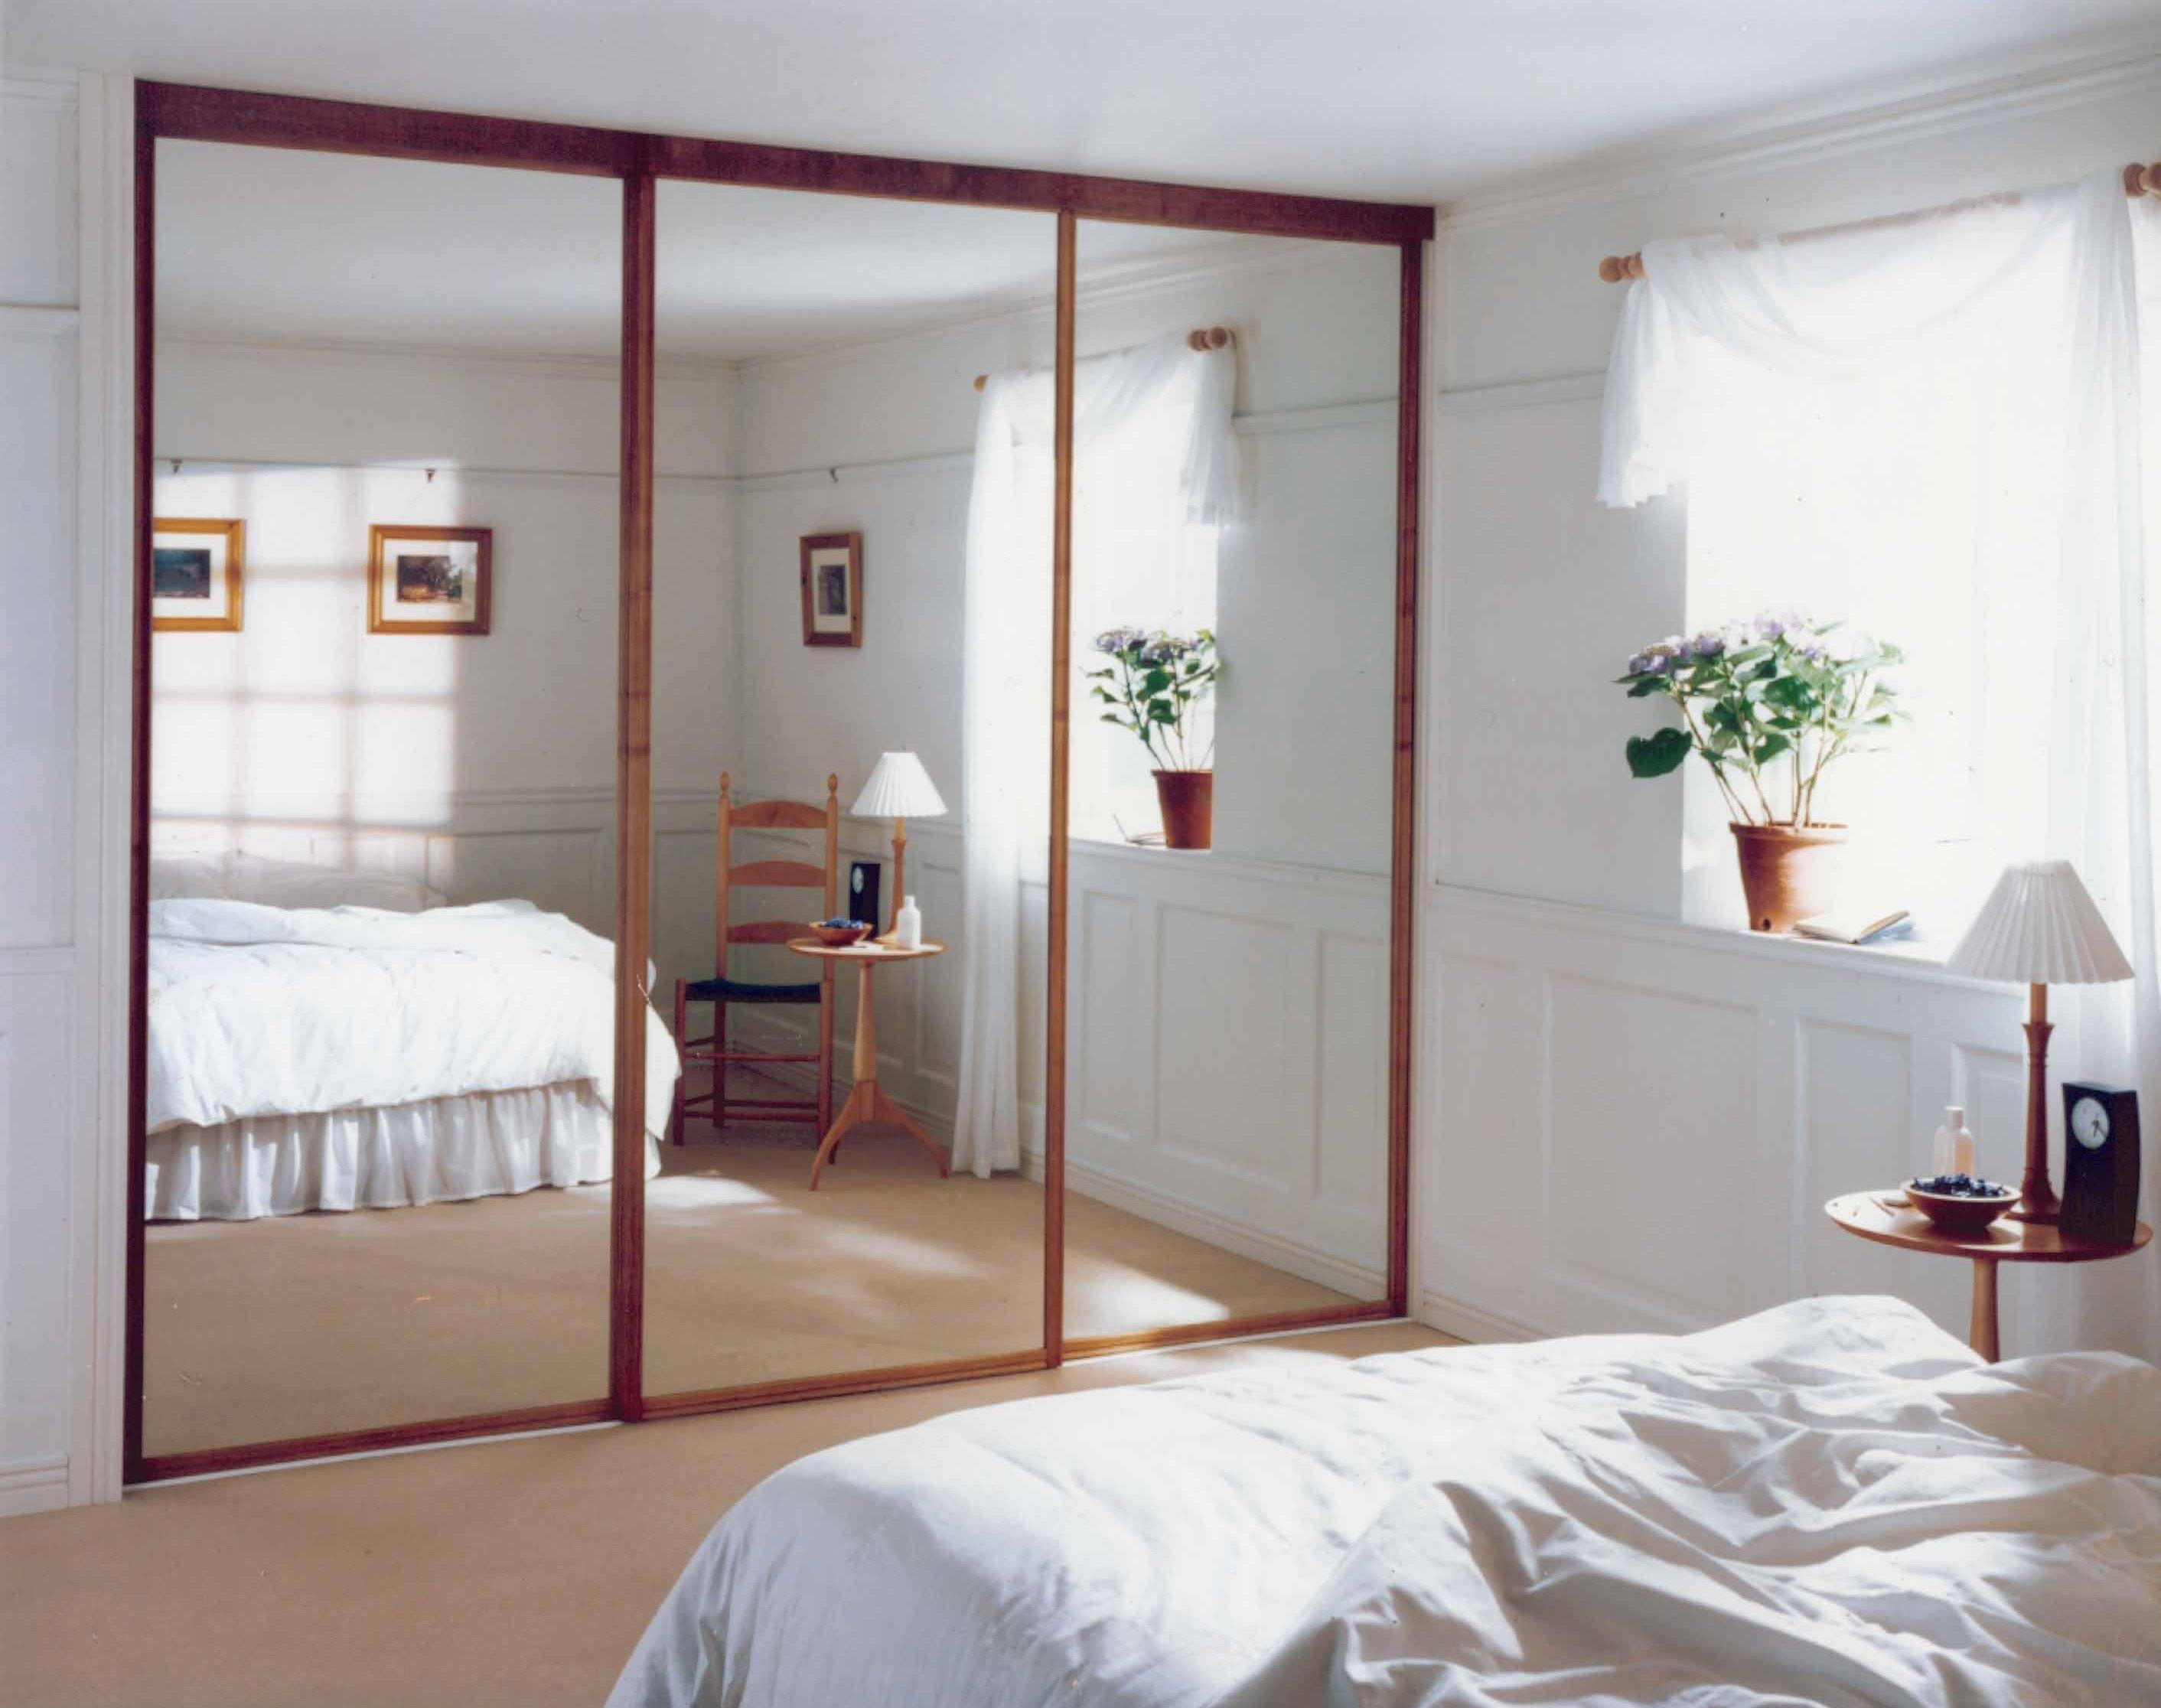 Beautiful Sliding Mirror Closet Doors For Bedrooms Goodworksfurniture In 2020 Mirror Wall Bedroom Mirror Closet Doors Sliding Mirror Closet Doors